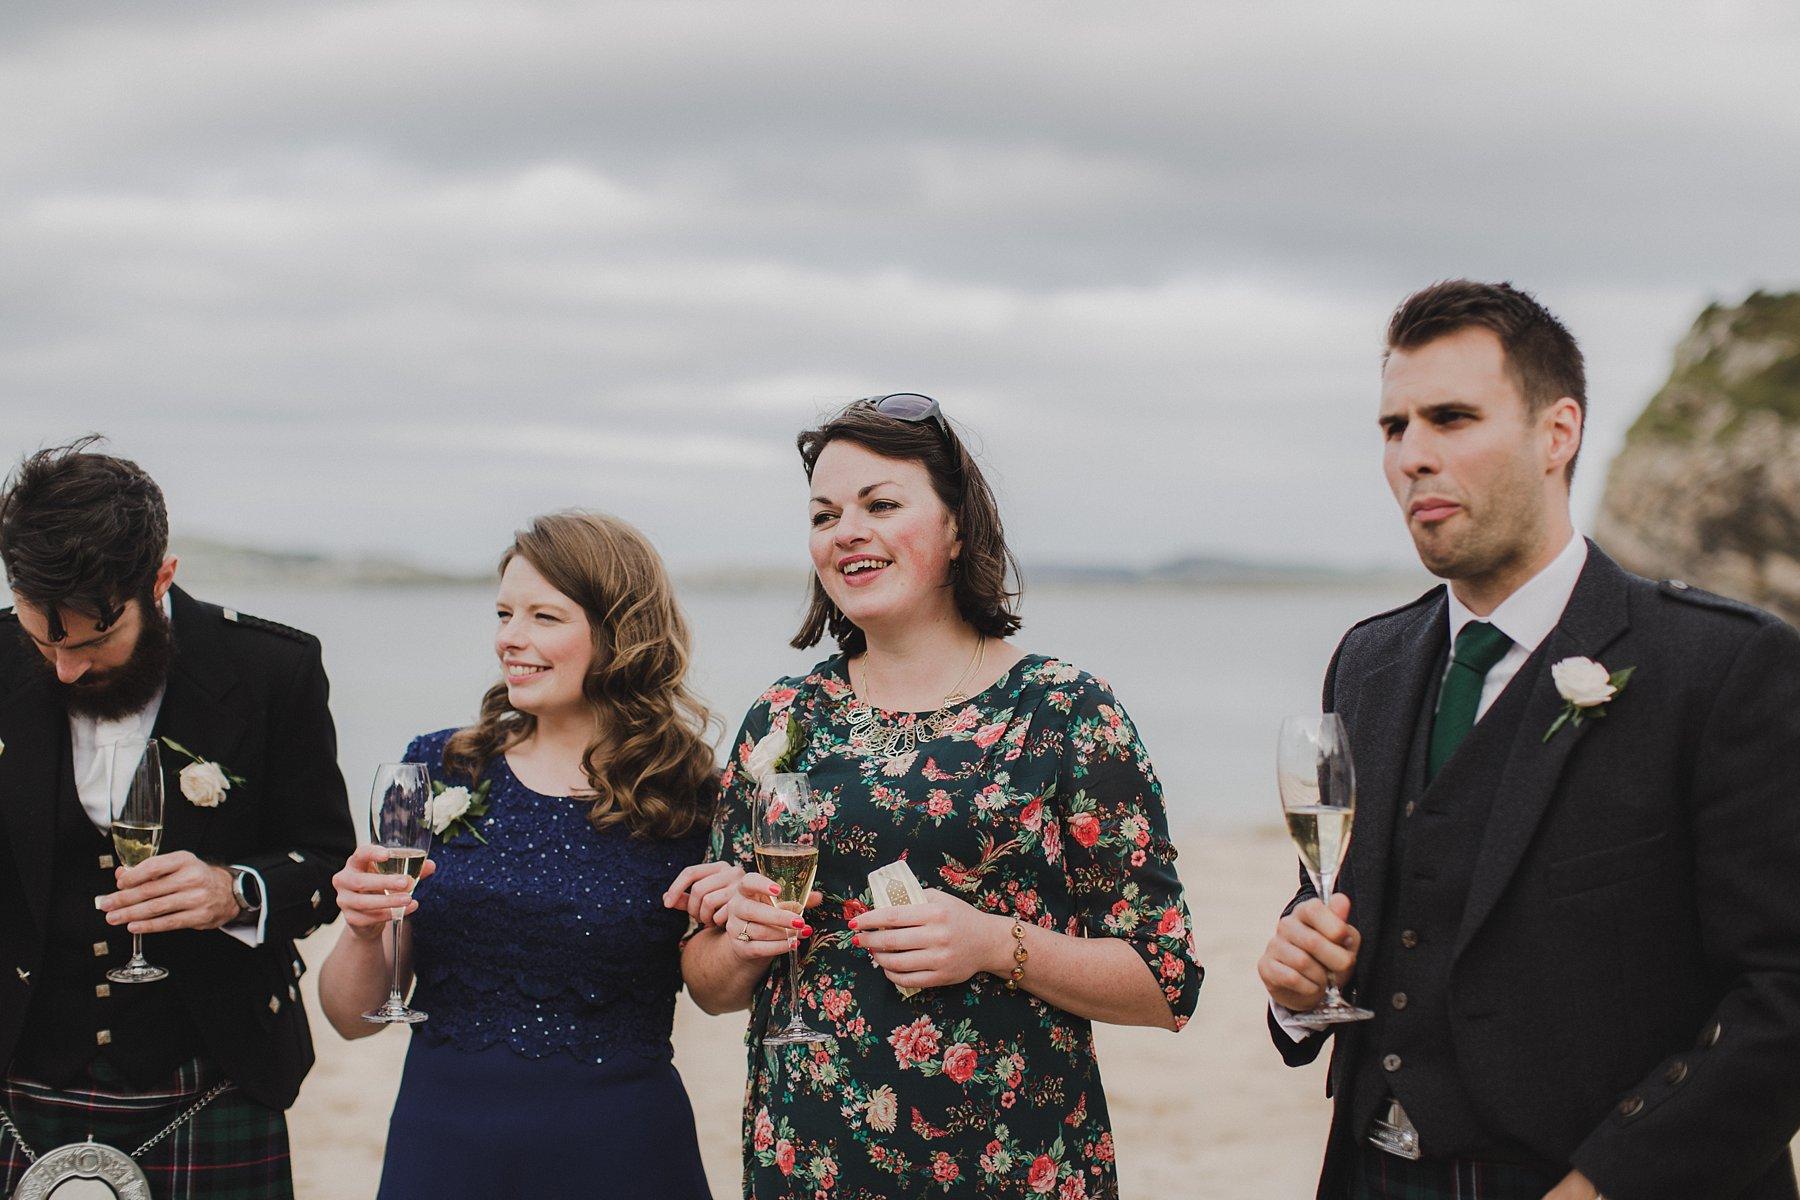 hornhead_donegak_elopement_weddings_0055